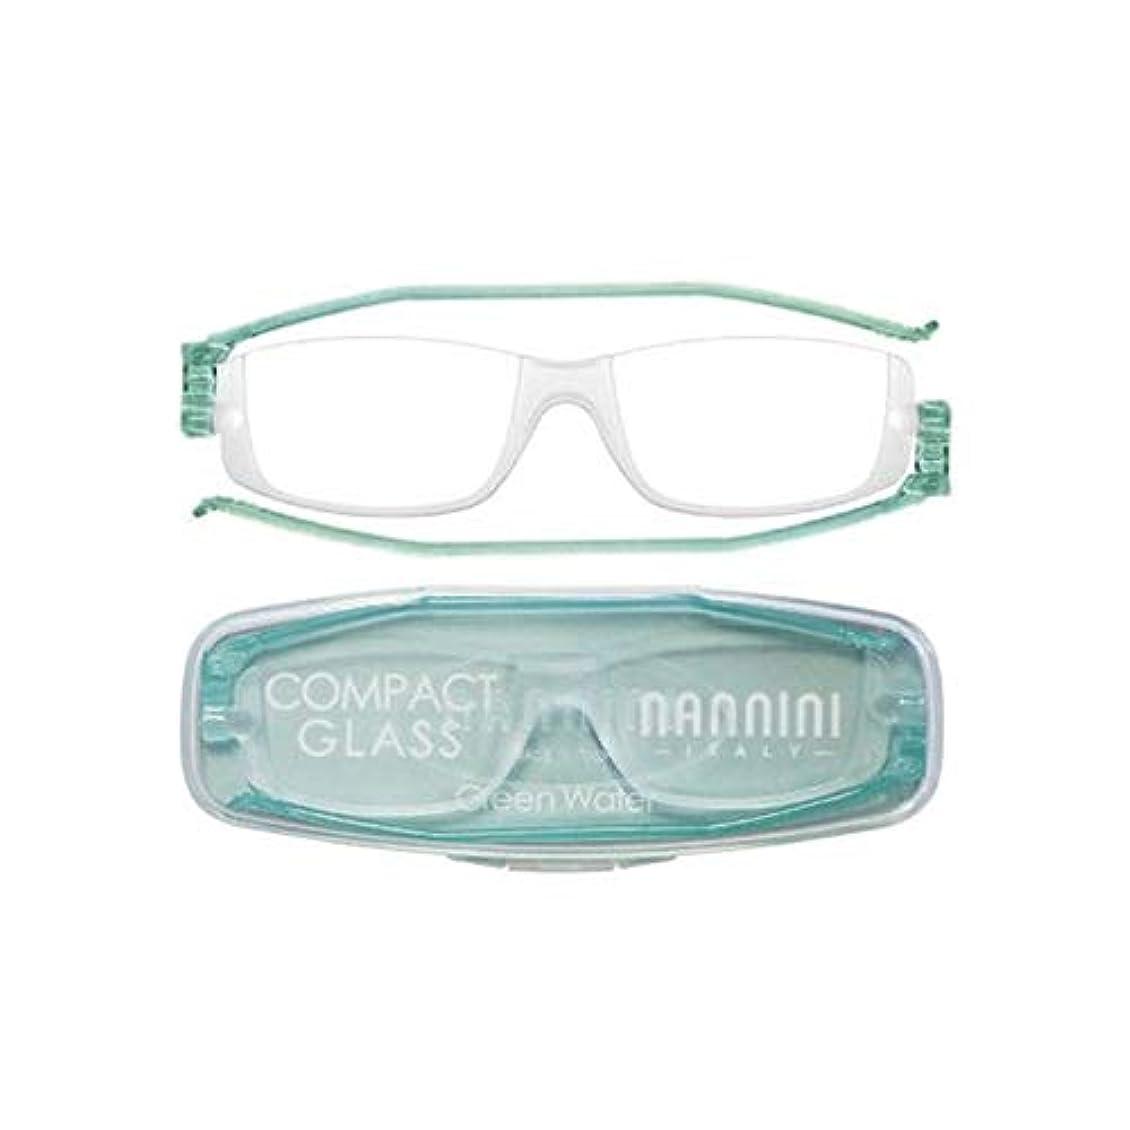 発音する改善ペチコート老眼鏡 コンパクトグラス2 nannini リーディンググラス 男性用 女性用 メンズ レディース シニアグラス 全12色(+1.00,グリーンウォーター)